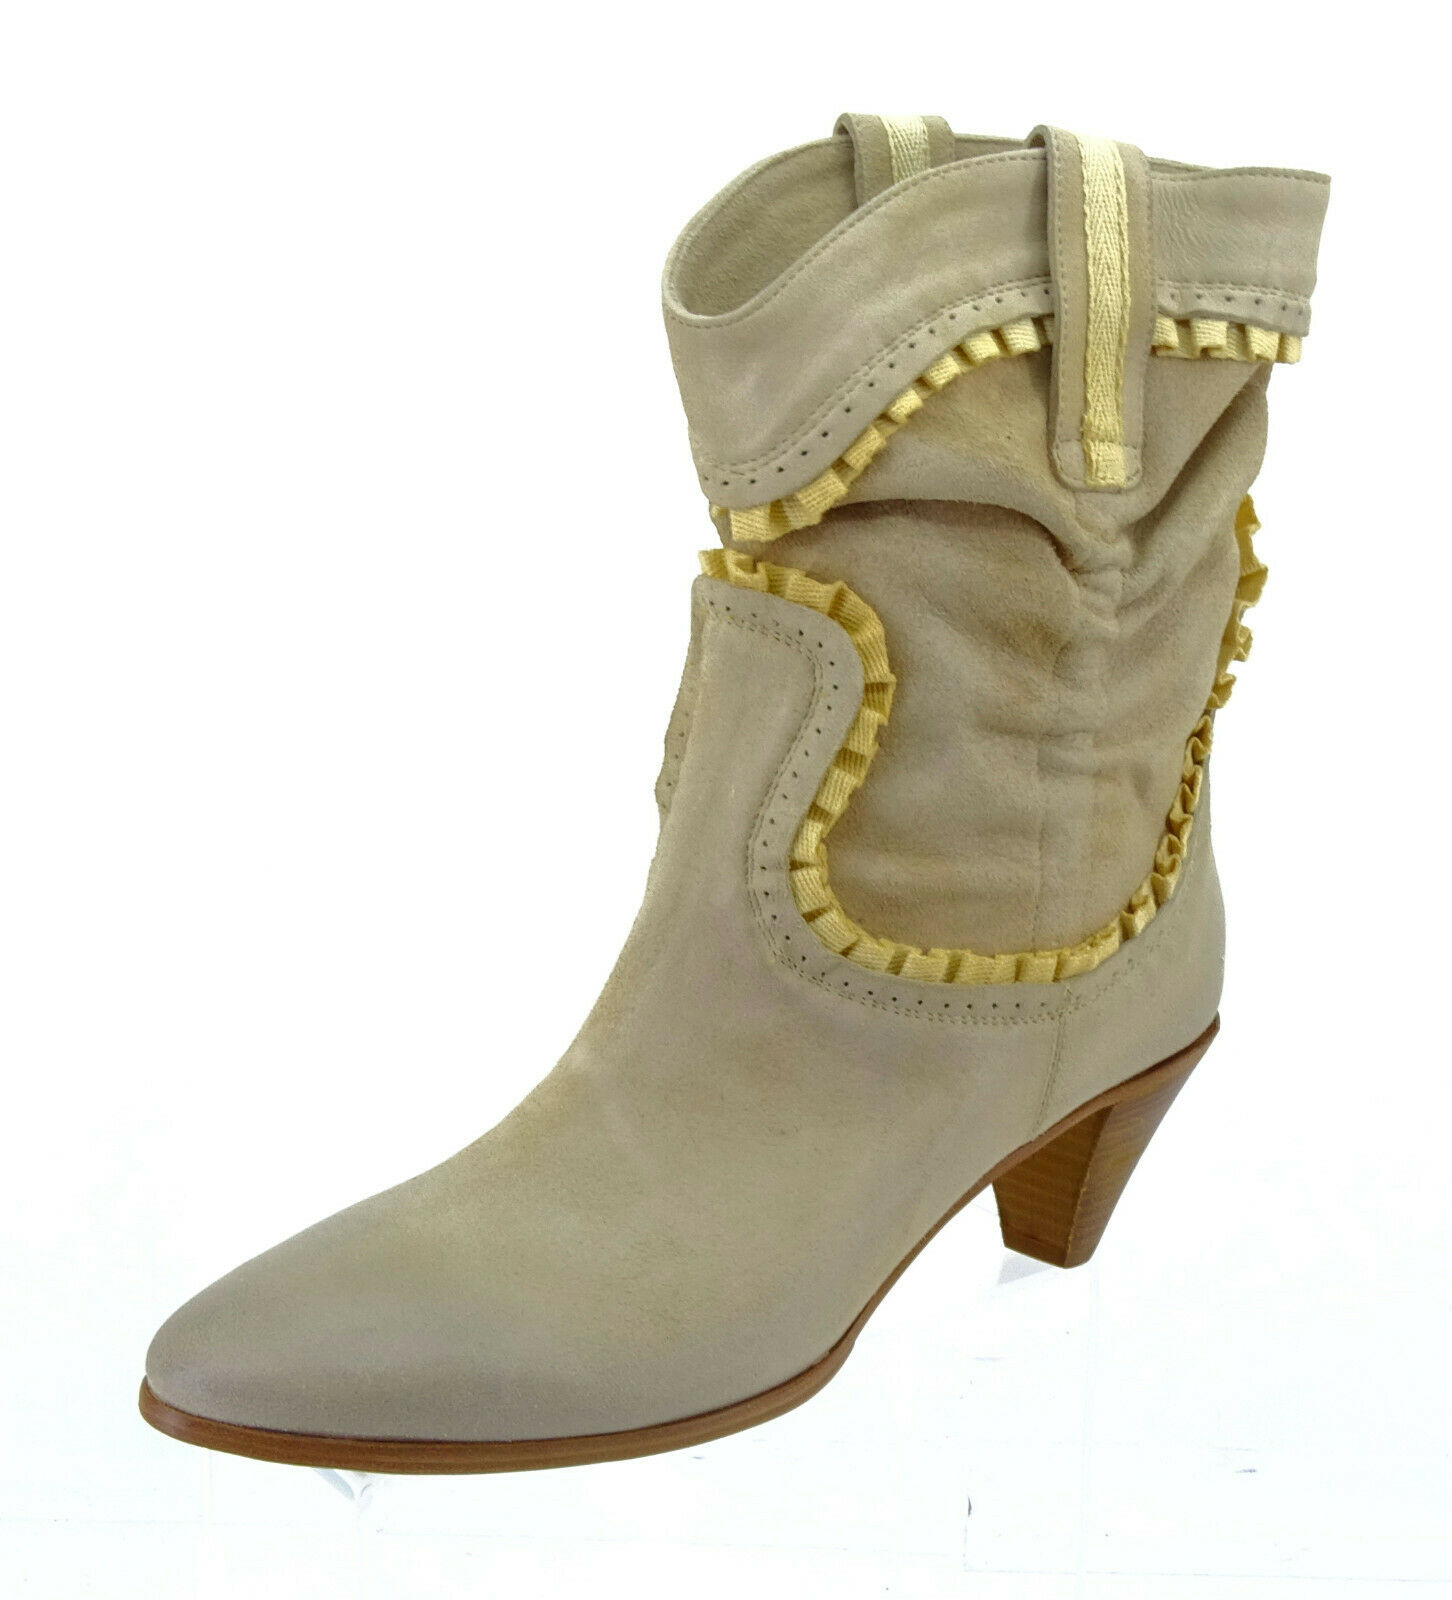 Buttero Schuhe Damen Stiefel Stiefeletten Beige Echtleder Gr. 40